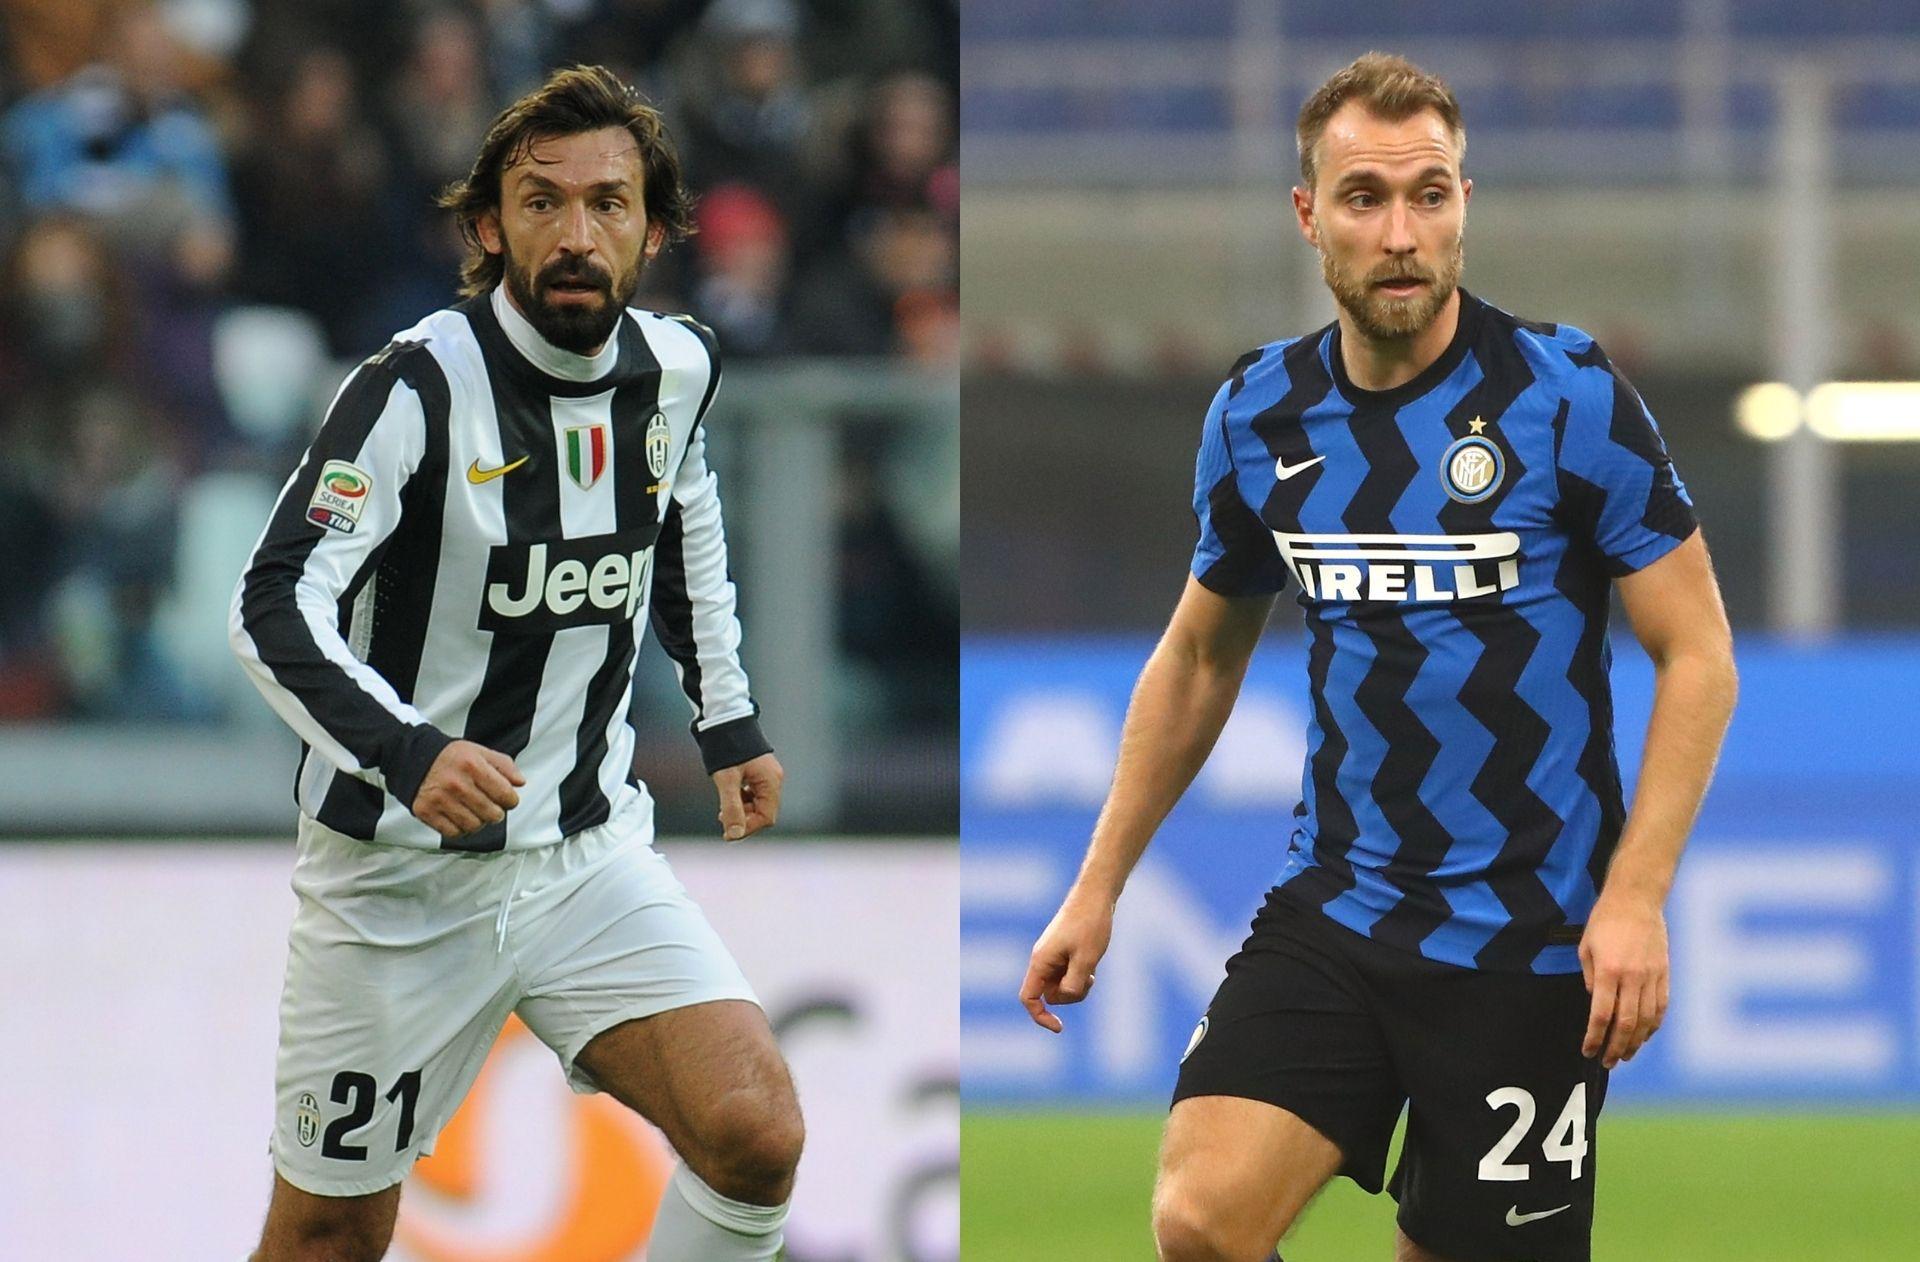 Andrea Pirlo of Juventus, Christian Eriksen of Inter Milan